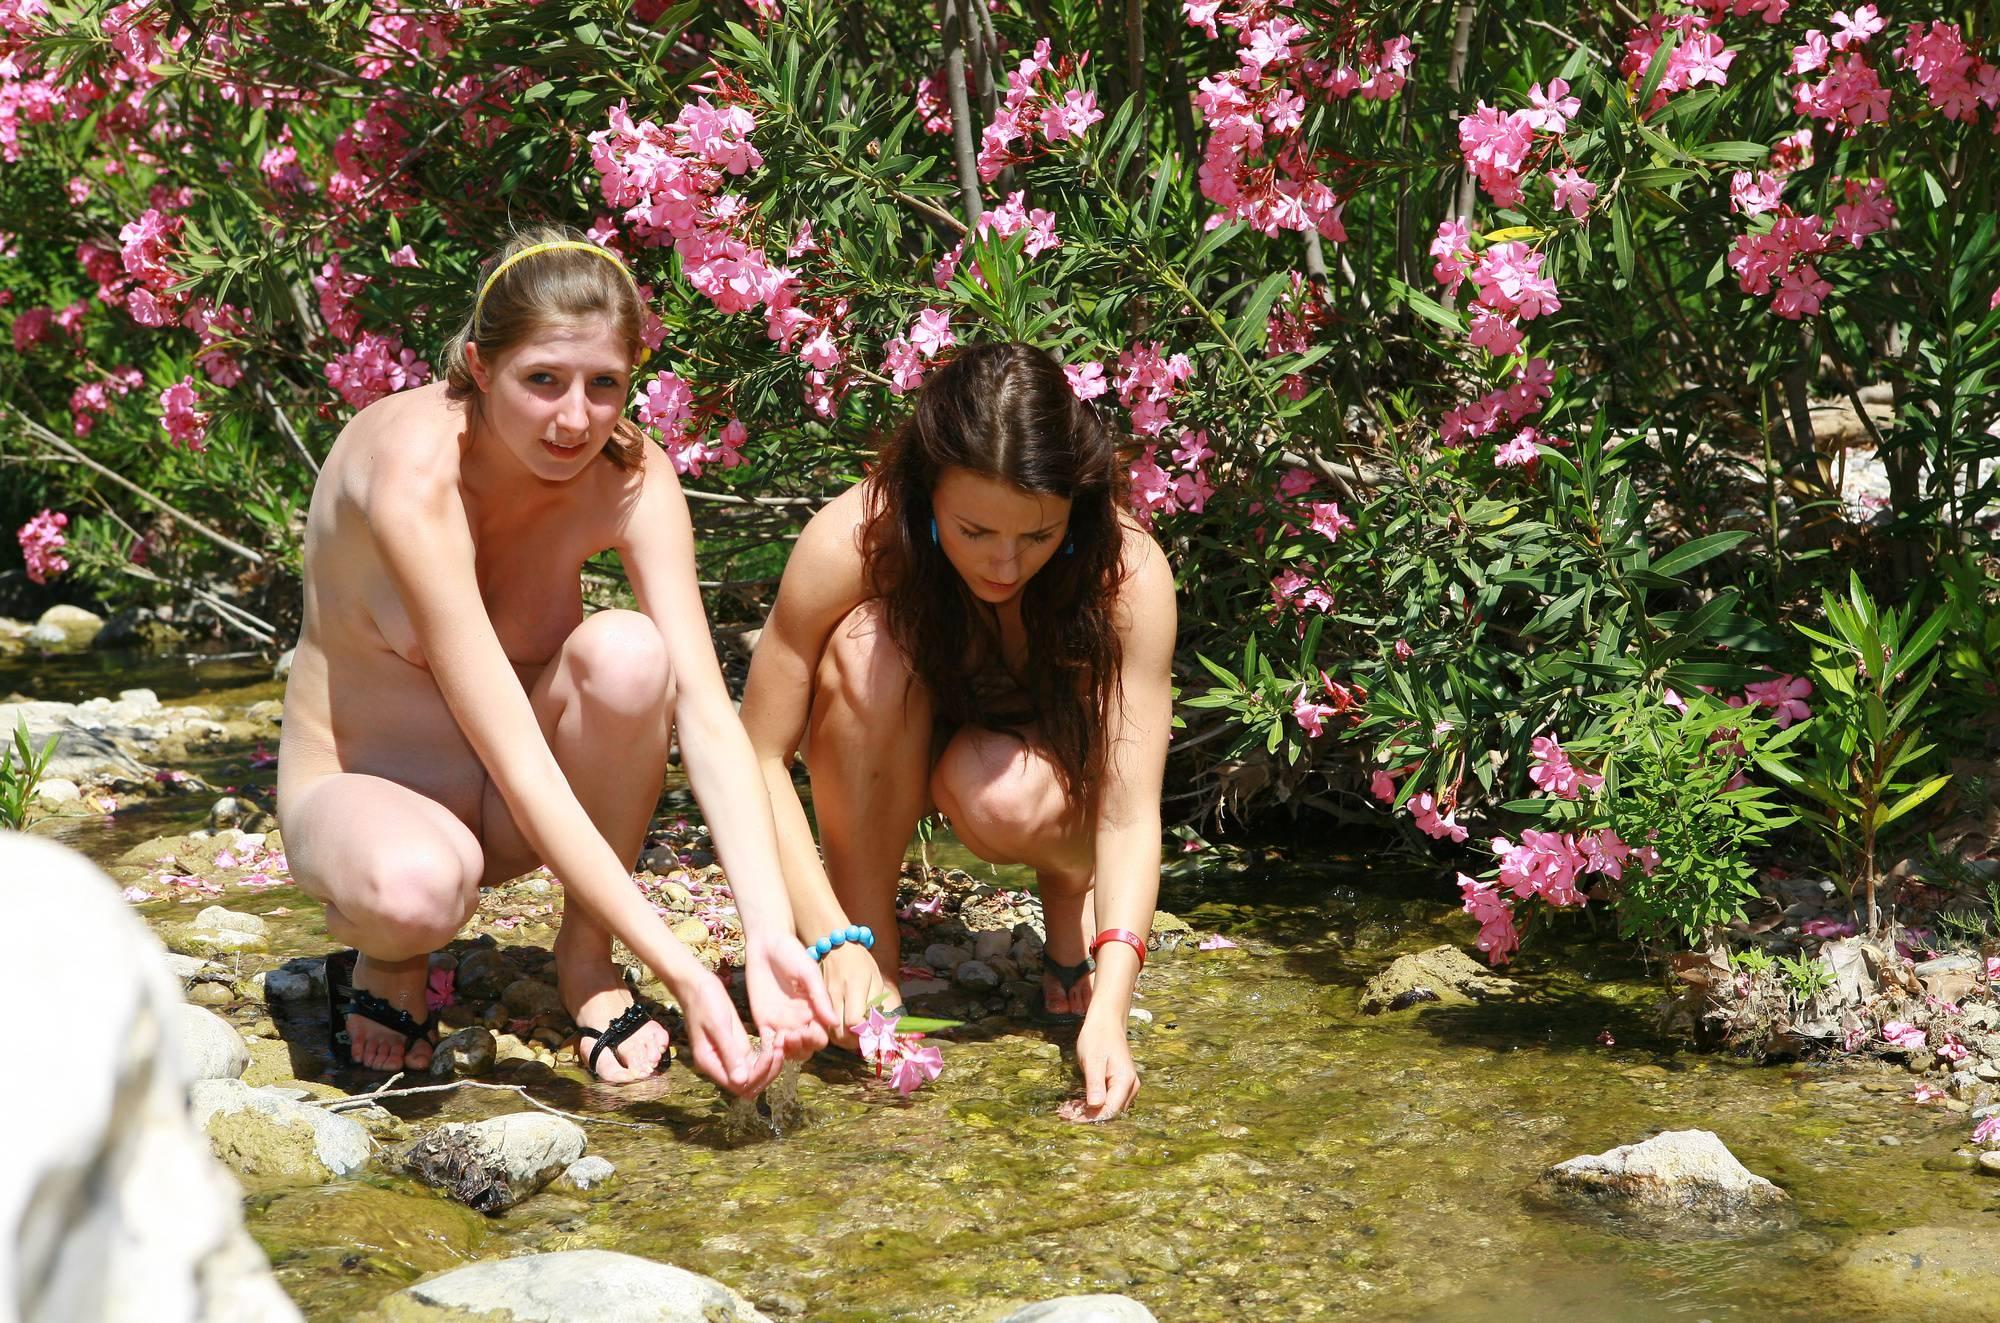 Purenudism Pics Greek Flowery Hill Top - 1